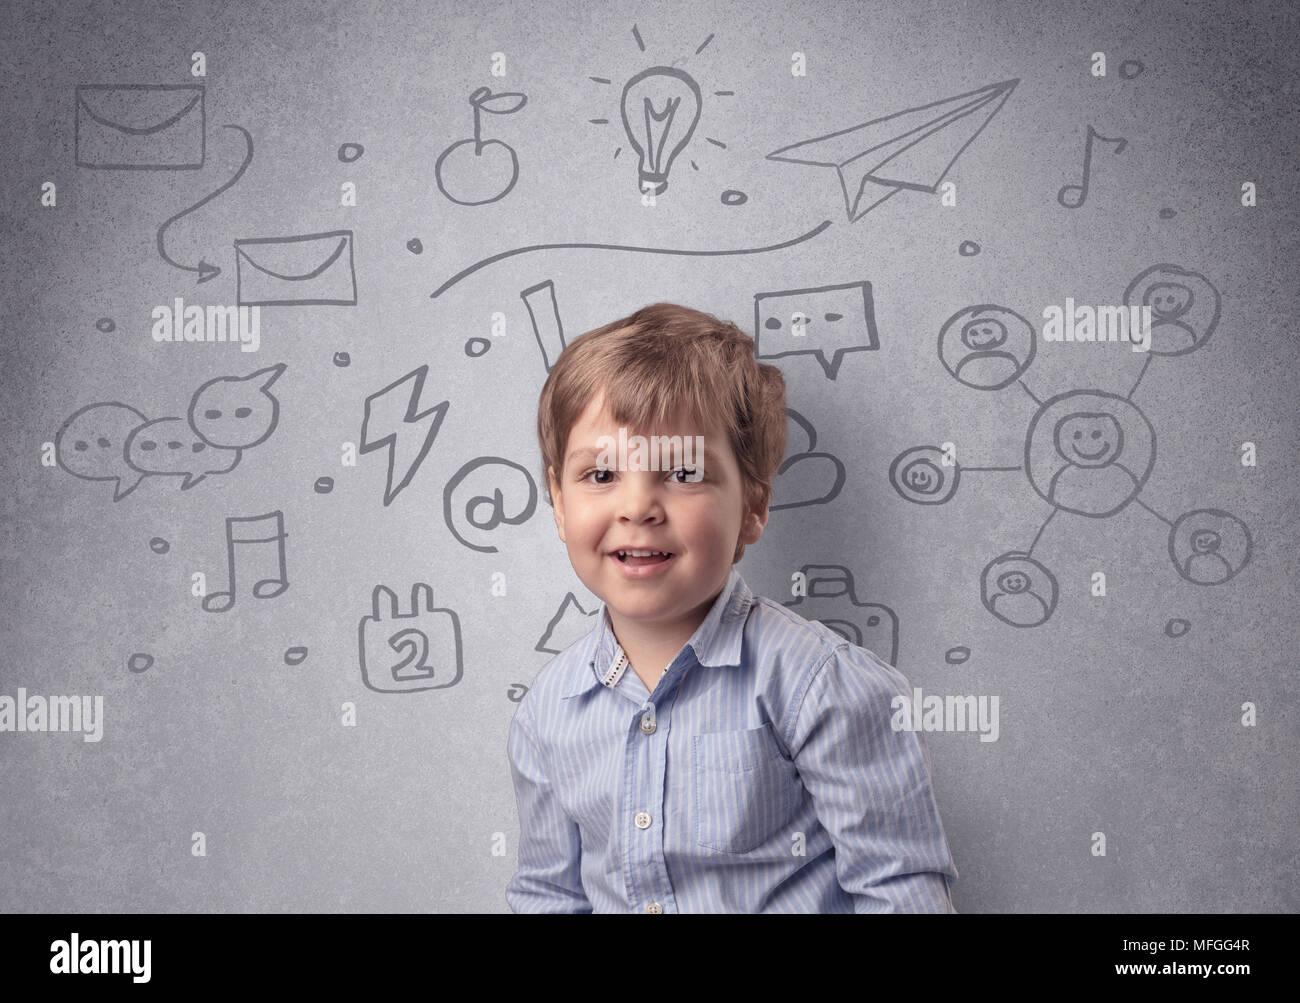 Smart little junior nella parte anteriore di un elaborato muro grigio con concetto infantili Immagini Stock